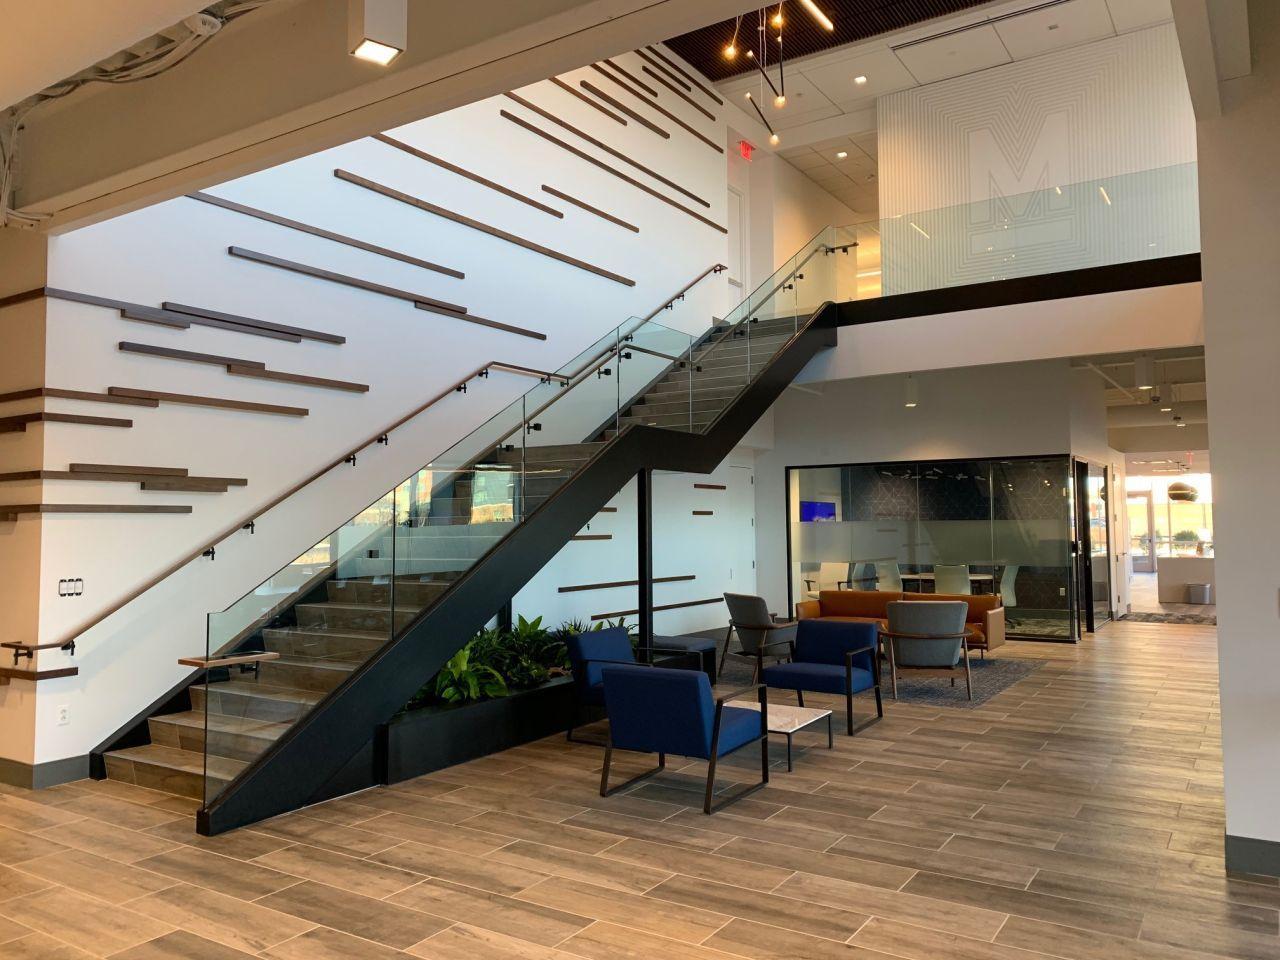 Meketa-Stairwell_210122_162658.jpg#asset:6102